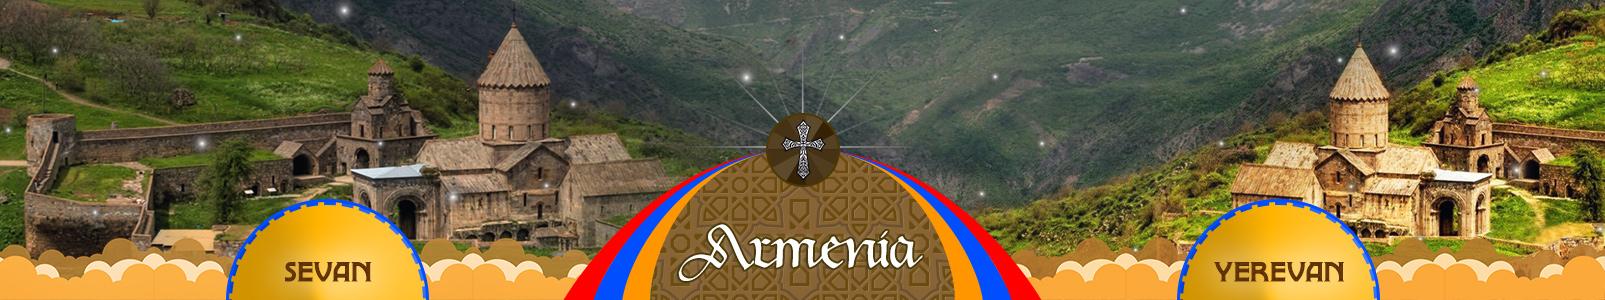 بنر-ارمنستان-بهروزسیر